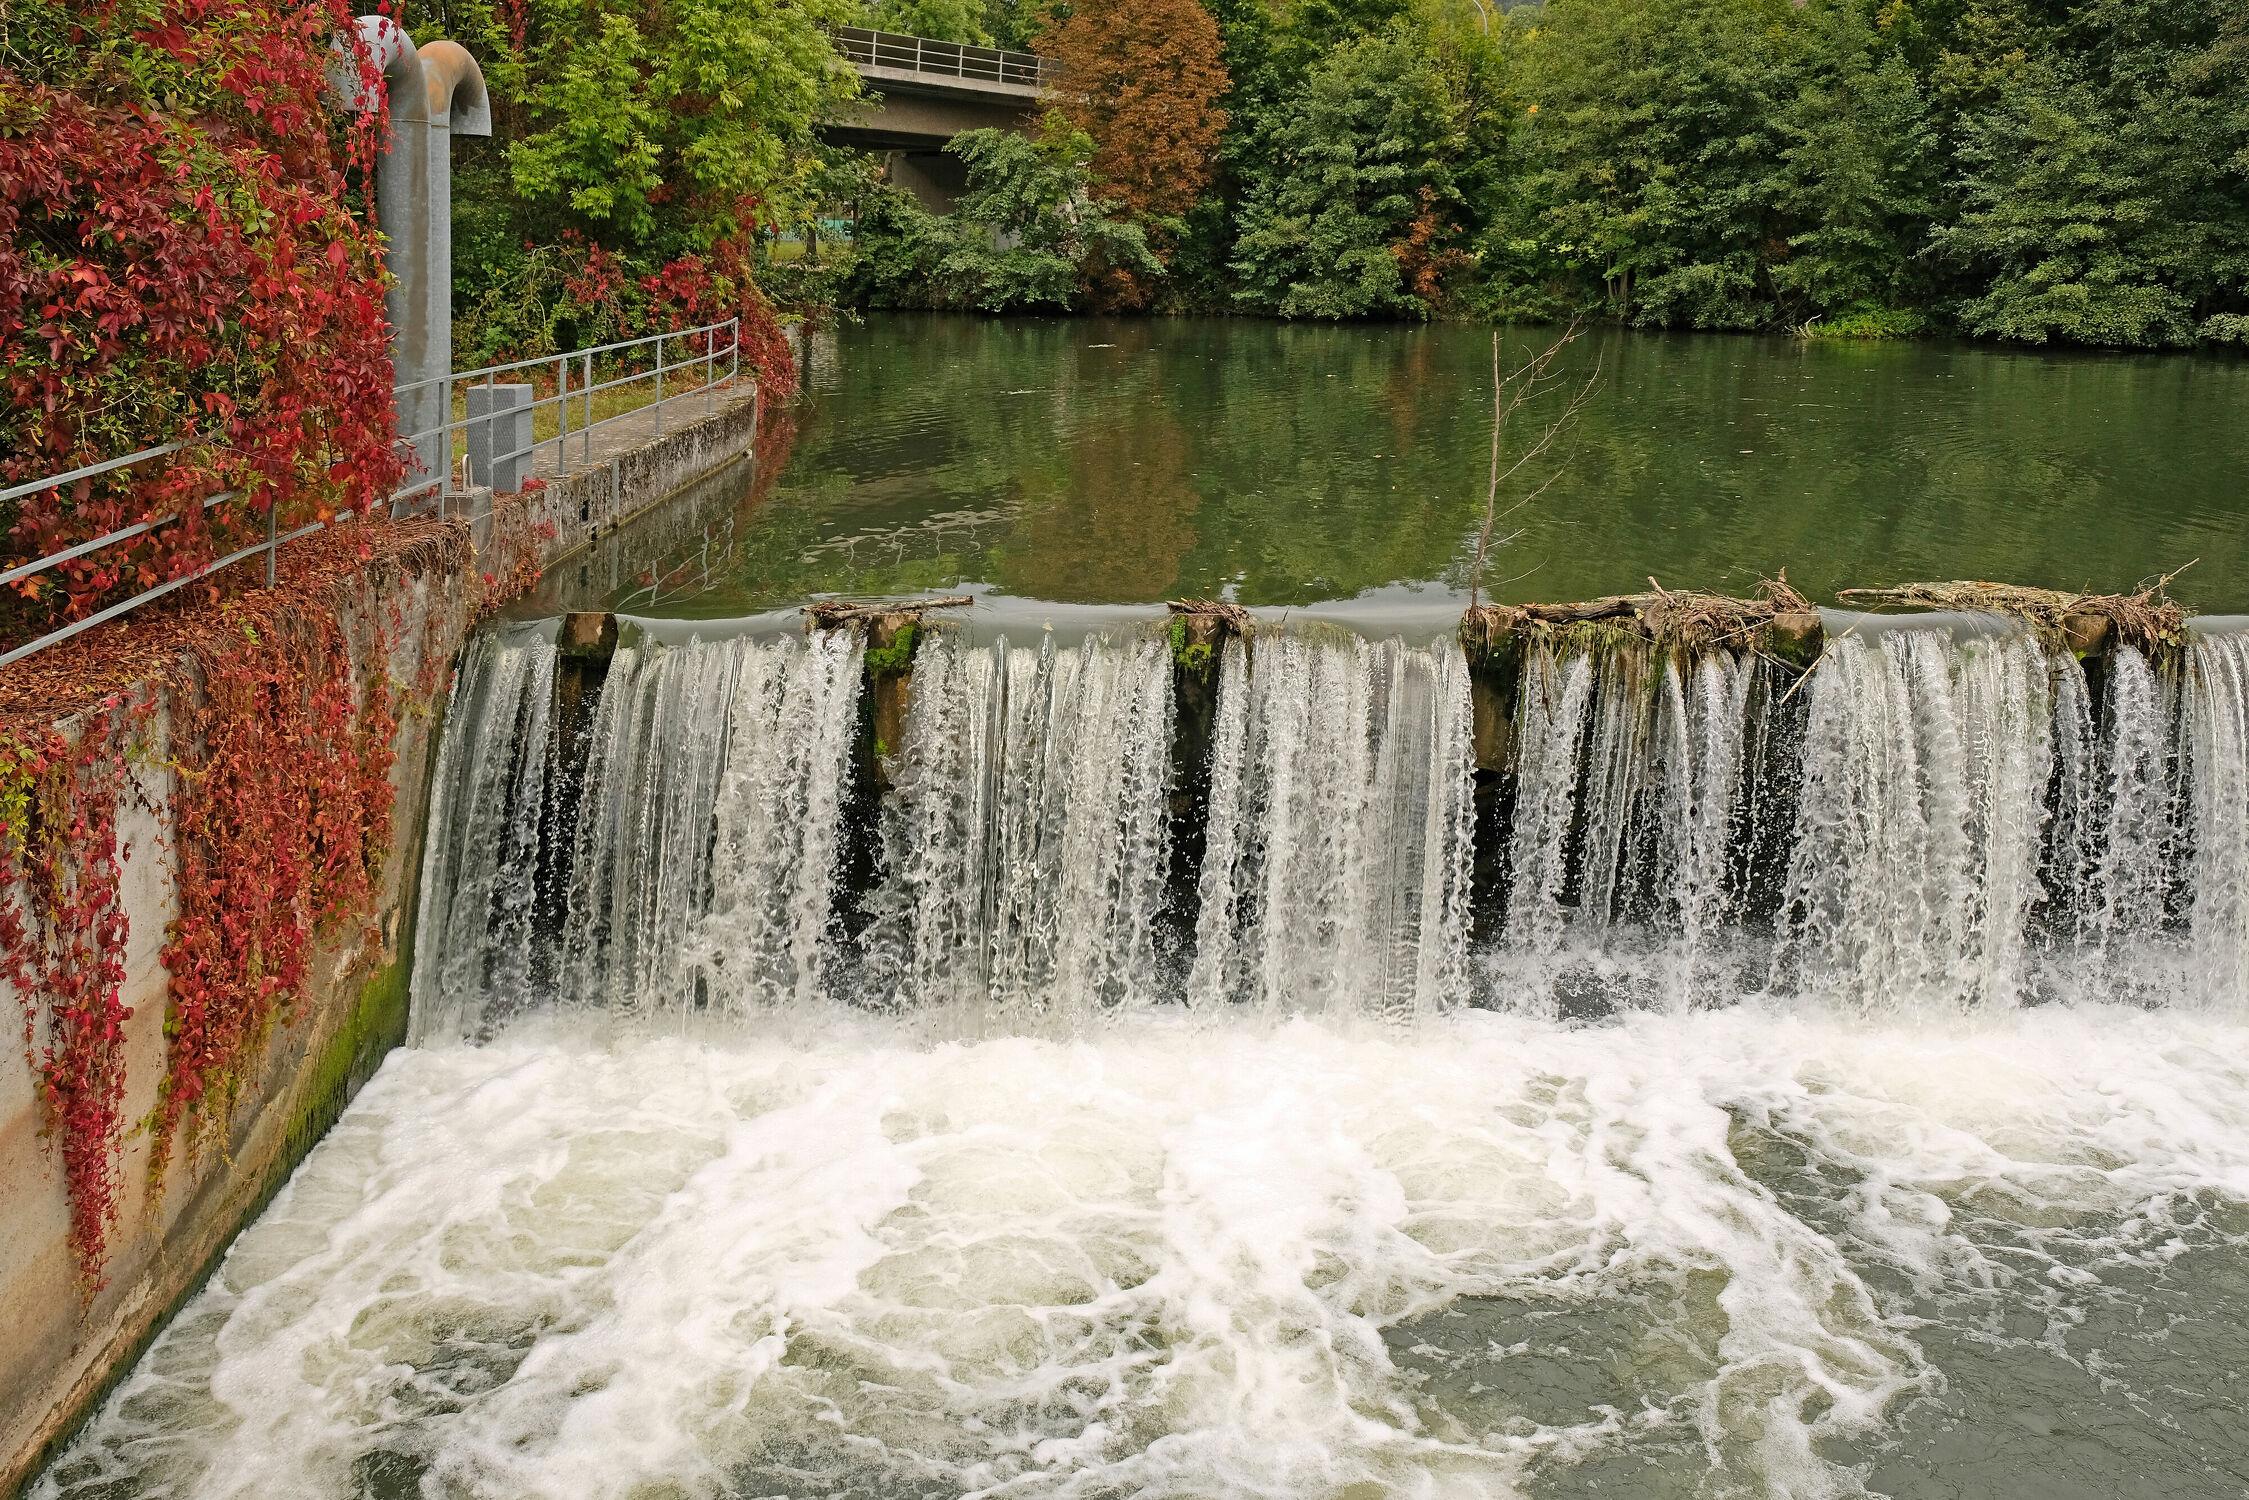 Bild mit Wasser, Wasserfall, Bad Kissingen, Wehr, Stauwerk